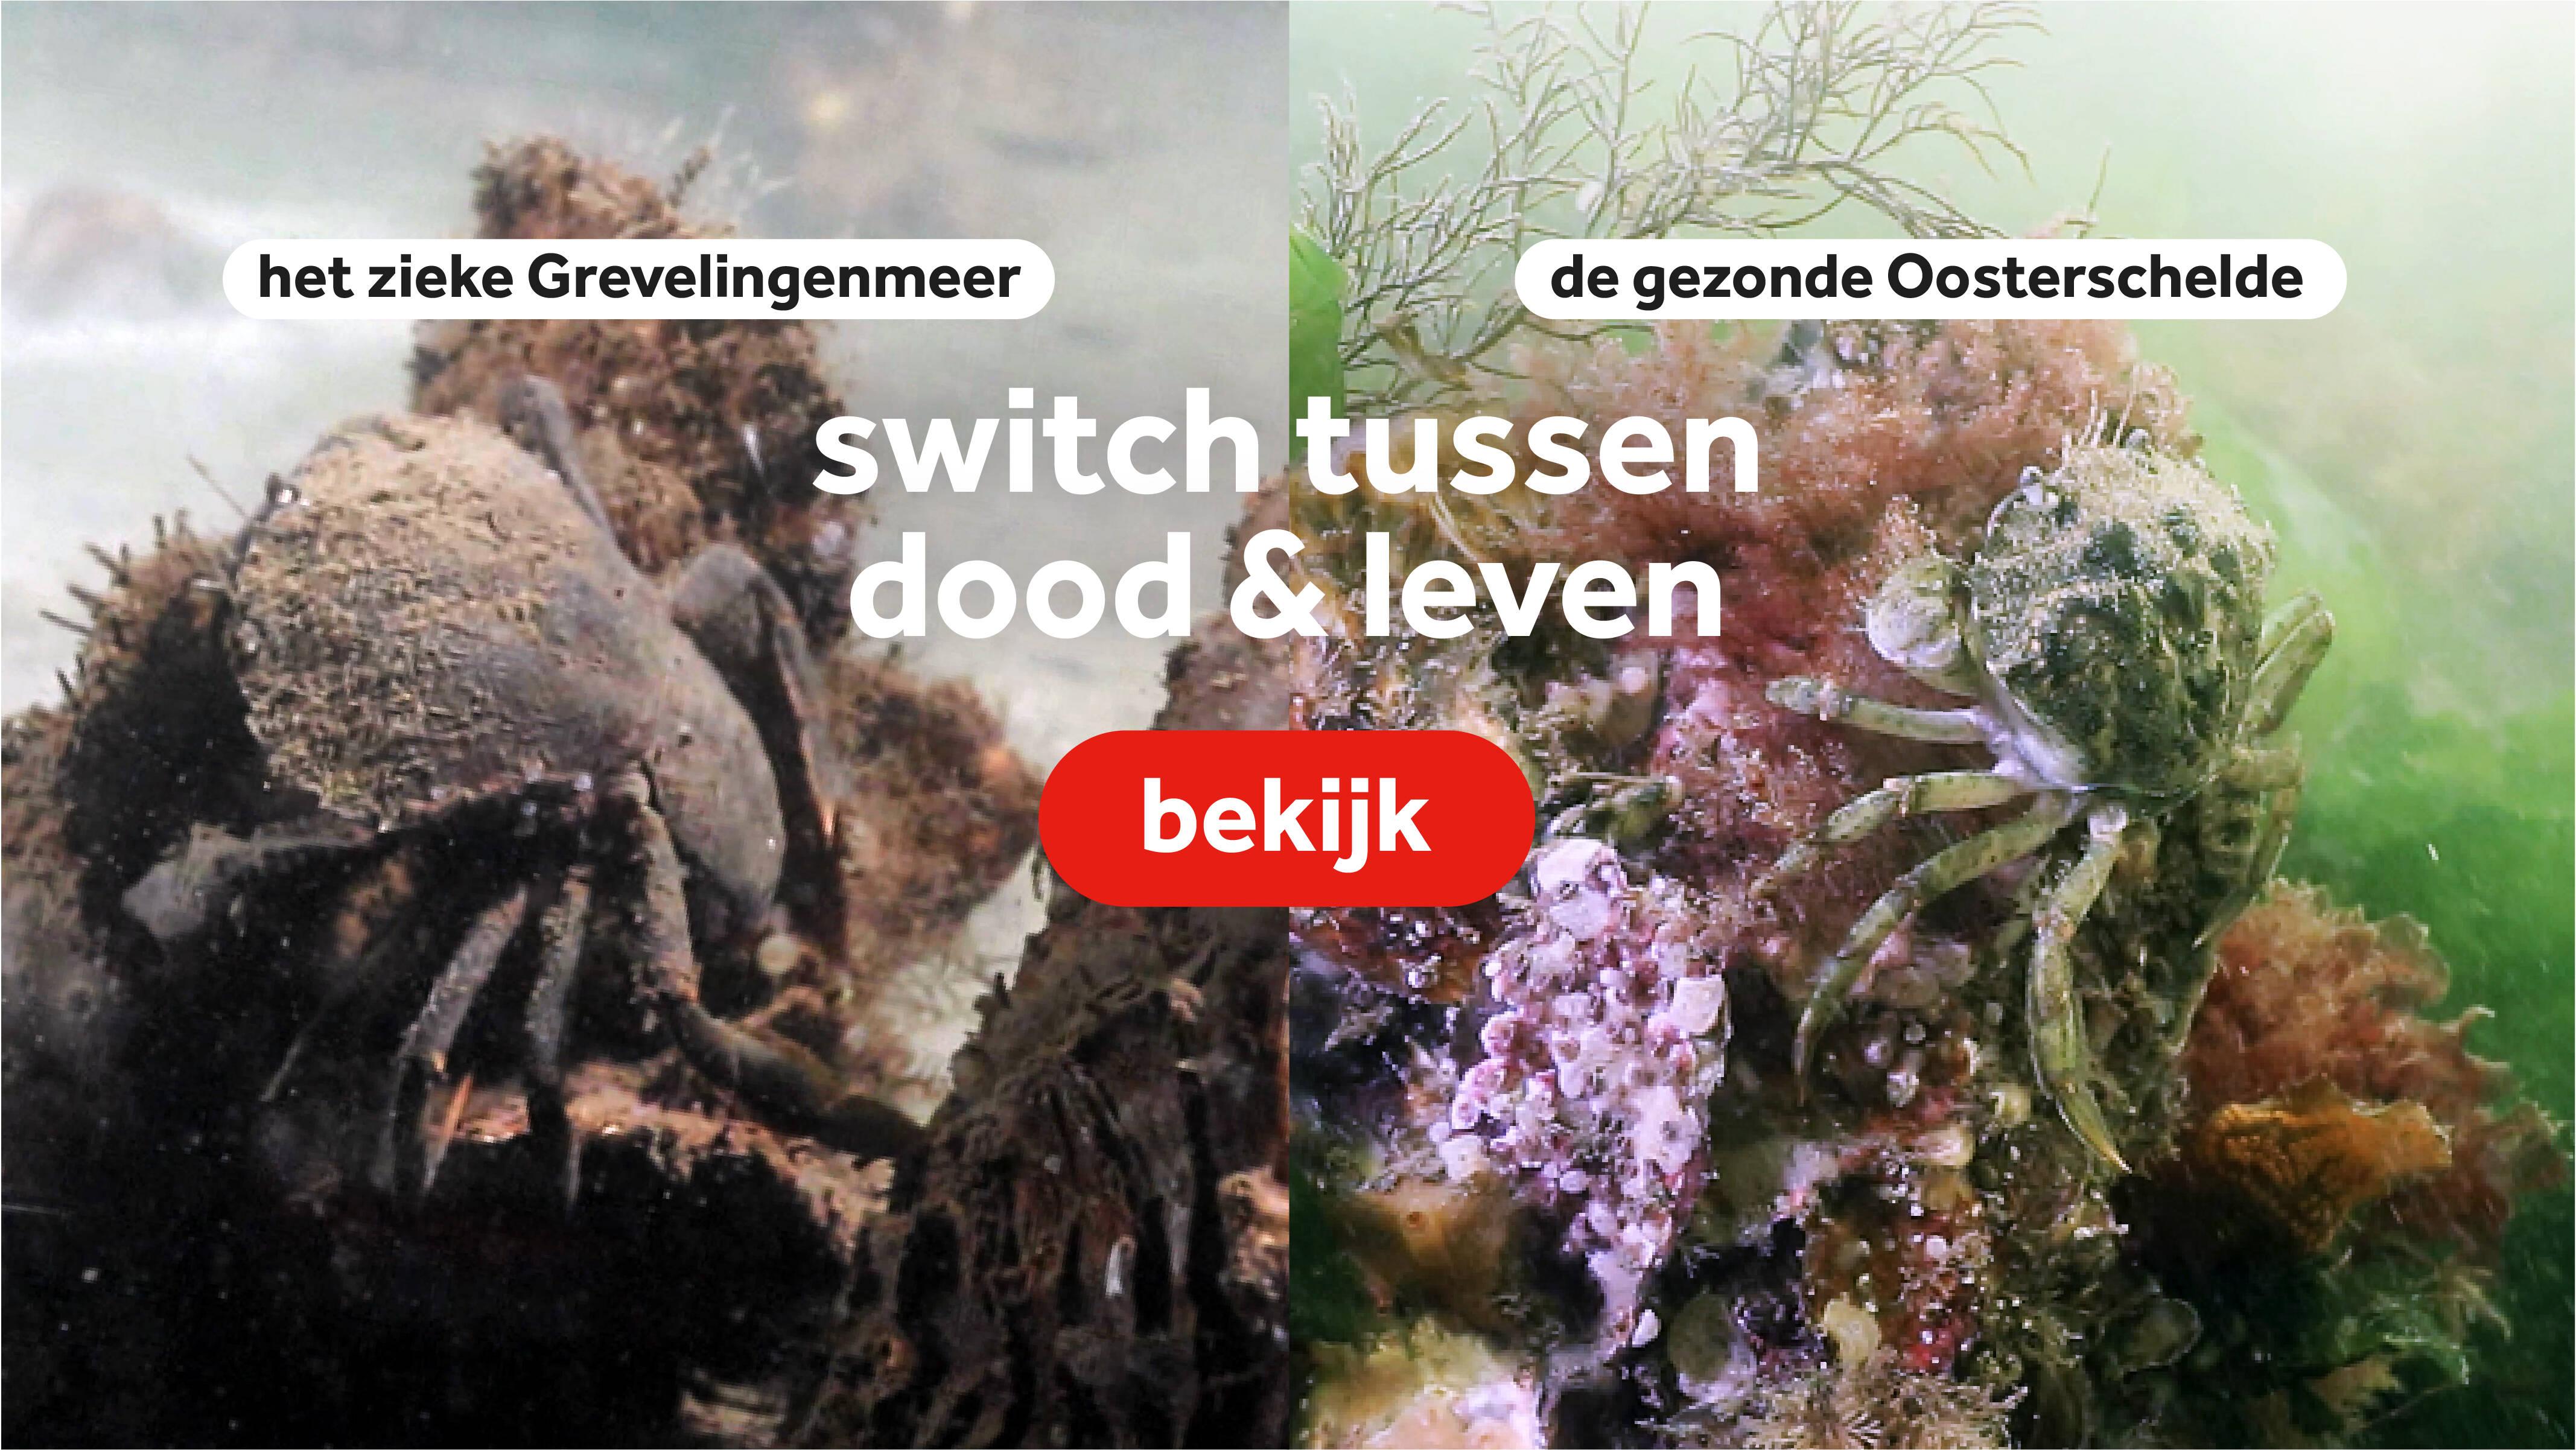 Adembenemend: Grevelingenmeer & Oosterschelde 🌊🐟 - NOS op 3